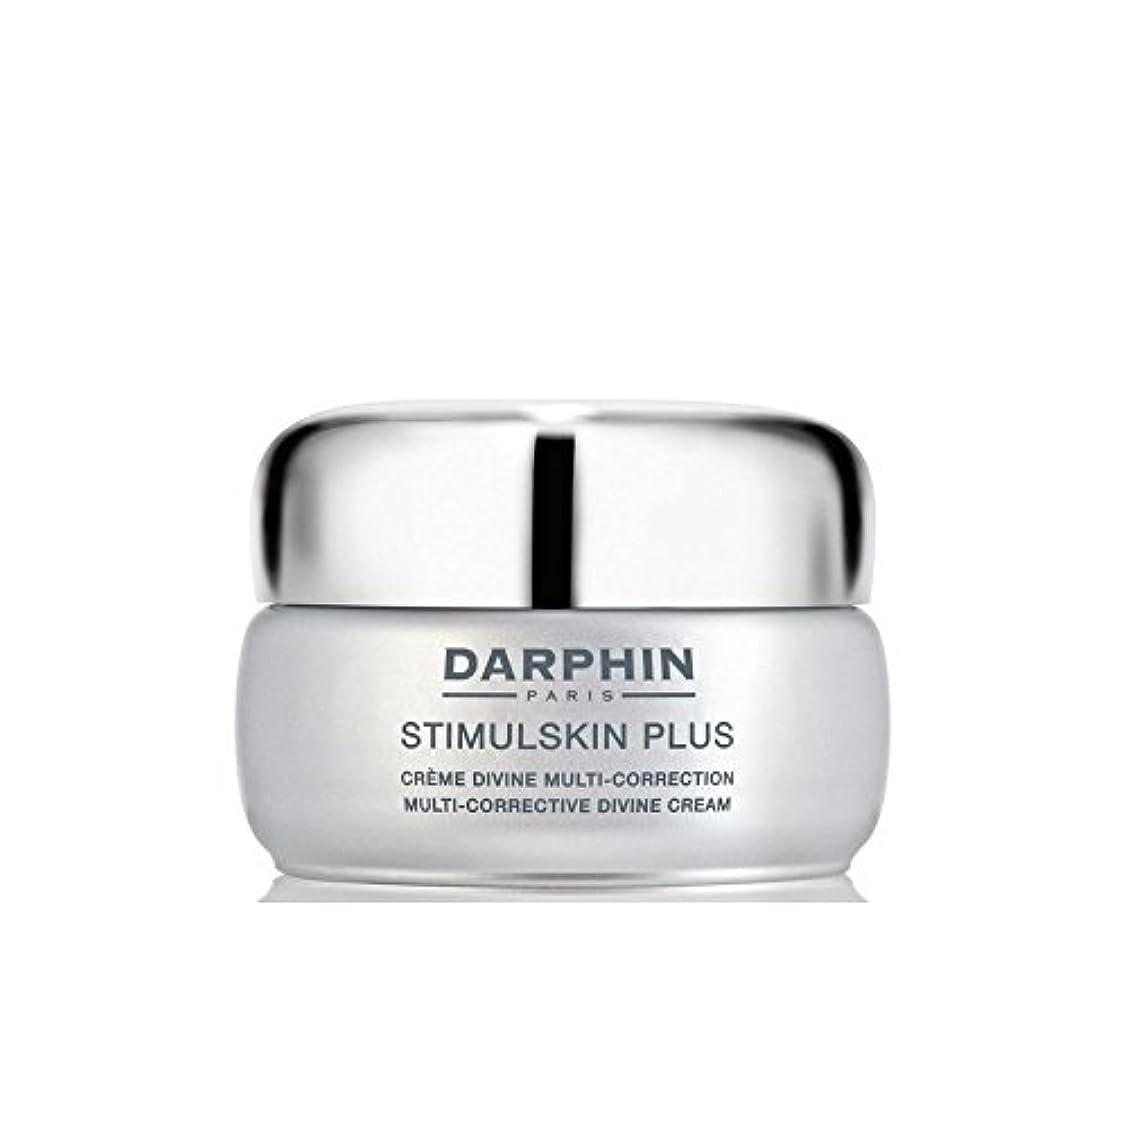 キャプチャー緩むサッカーDarphin Stimulskin Plus Multi-Corrective Divine Cream - Rich - ダルファンスティプラスマルチ是正神クリーム - 豊富 [並行輸入品]